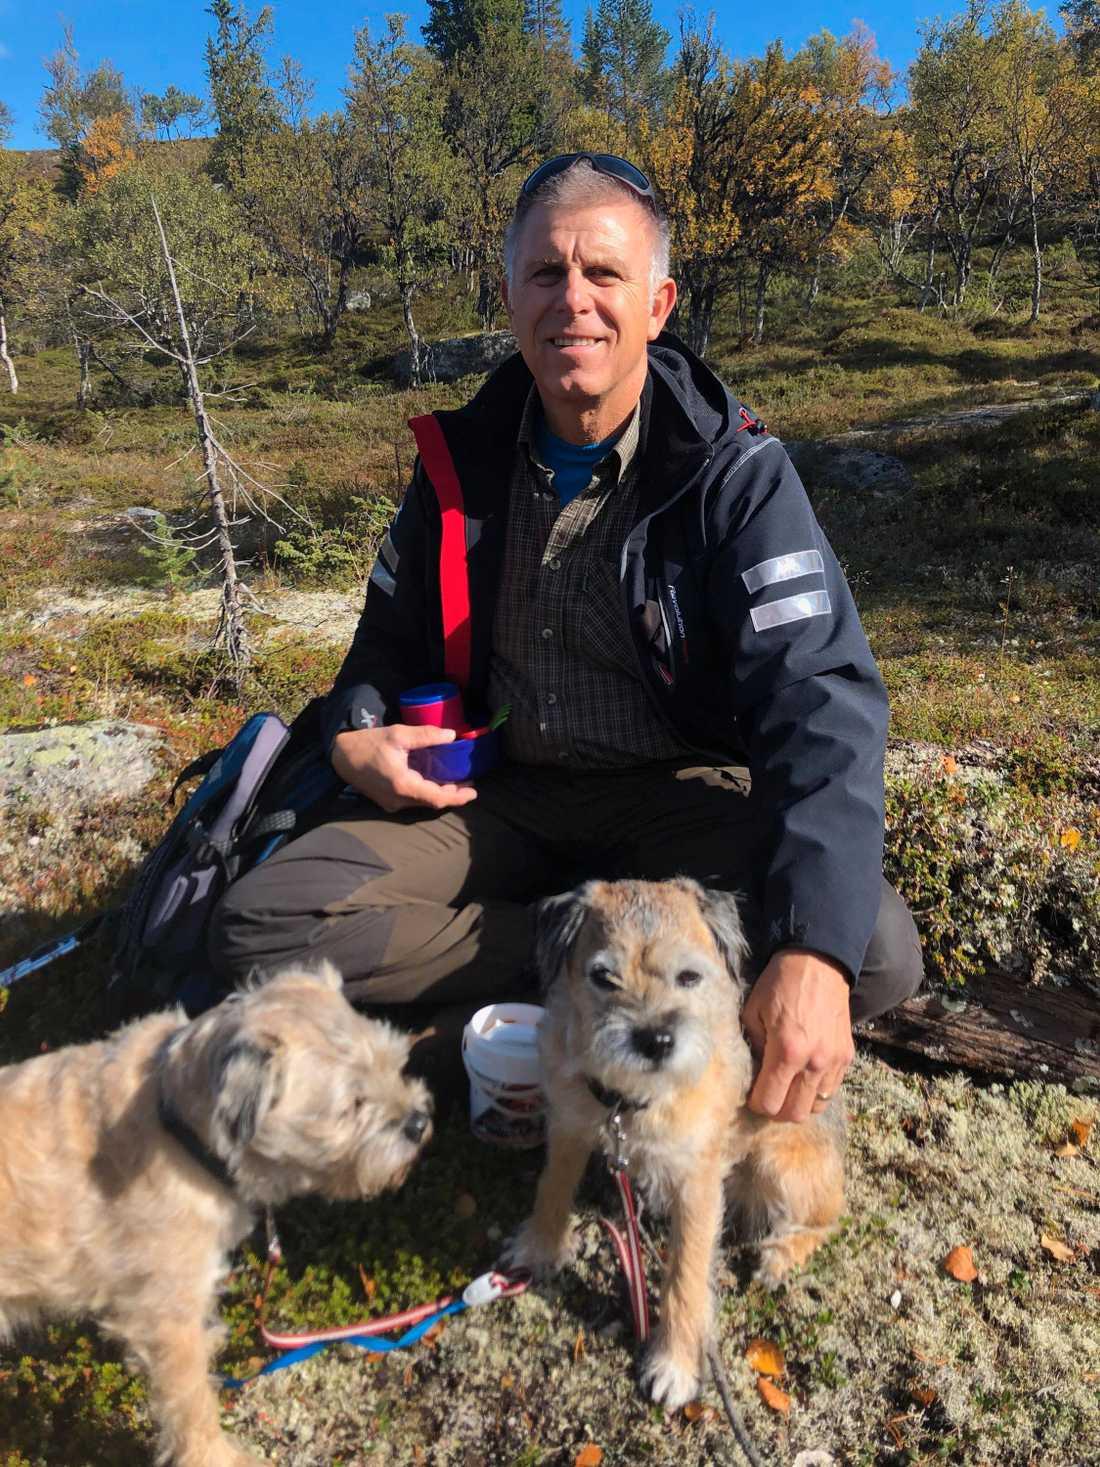 Göran Tolvers blev berörd när han såg Mikaels efterlysning.